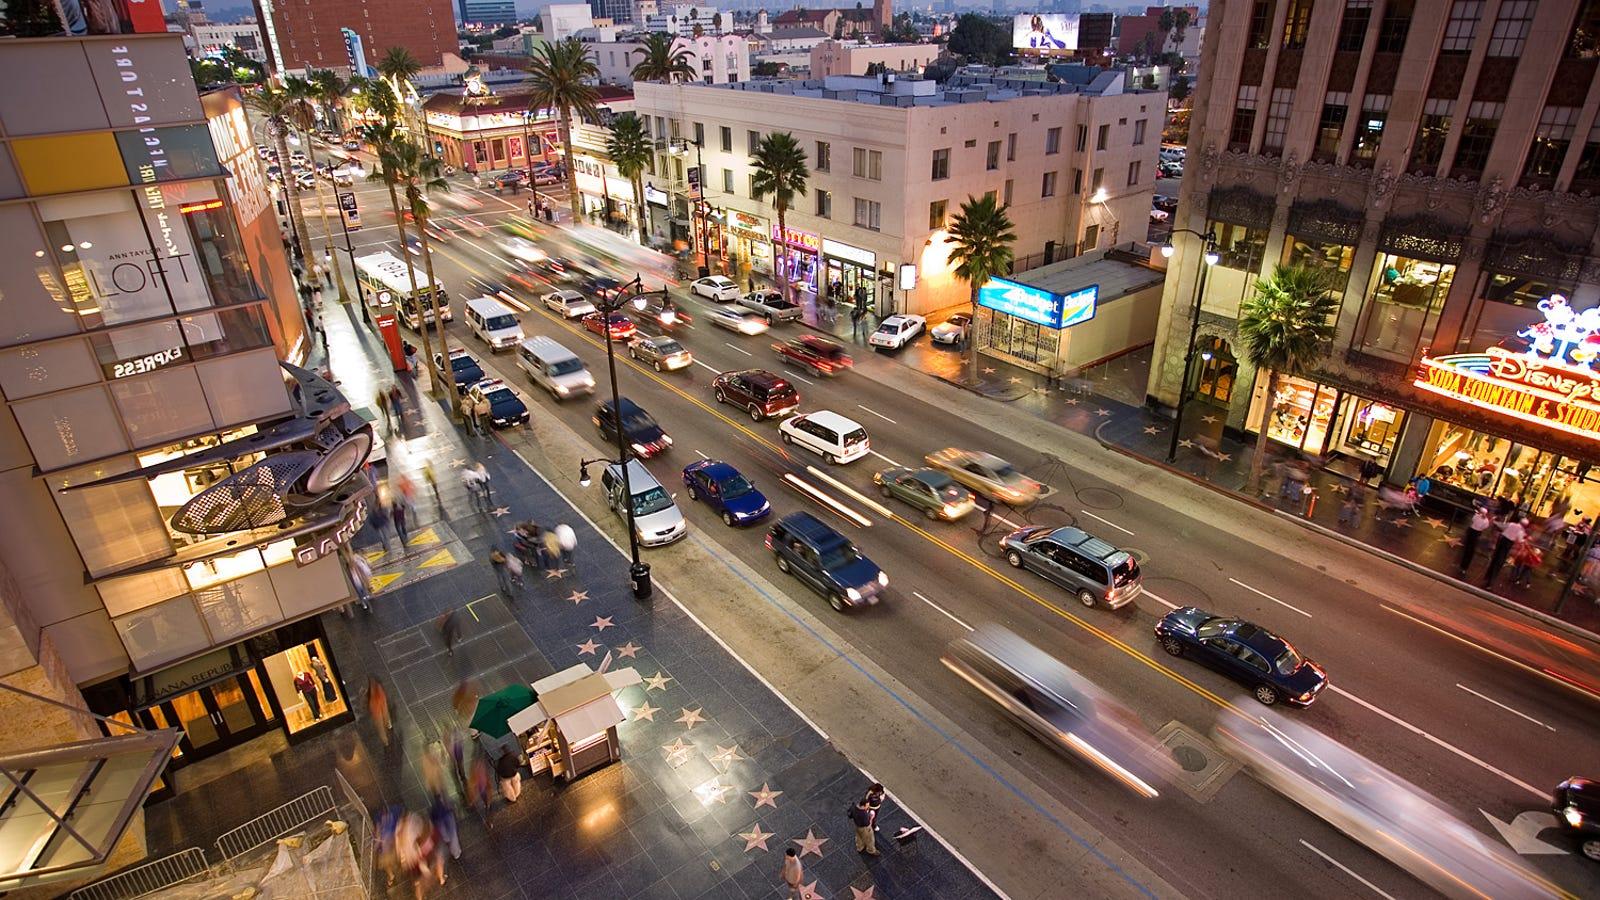 Cuáles son las diferencias entre una calle, una avenida, una carretera y otros tipos de caminos